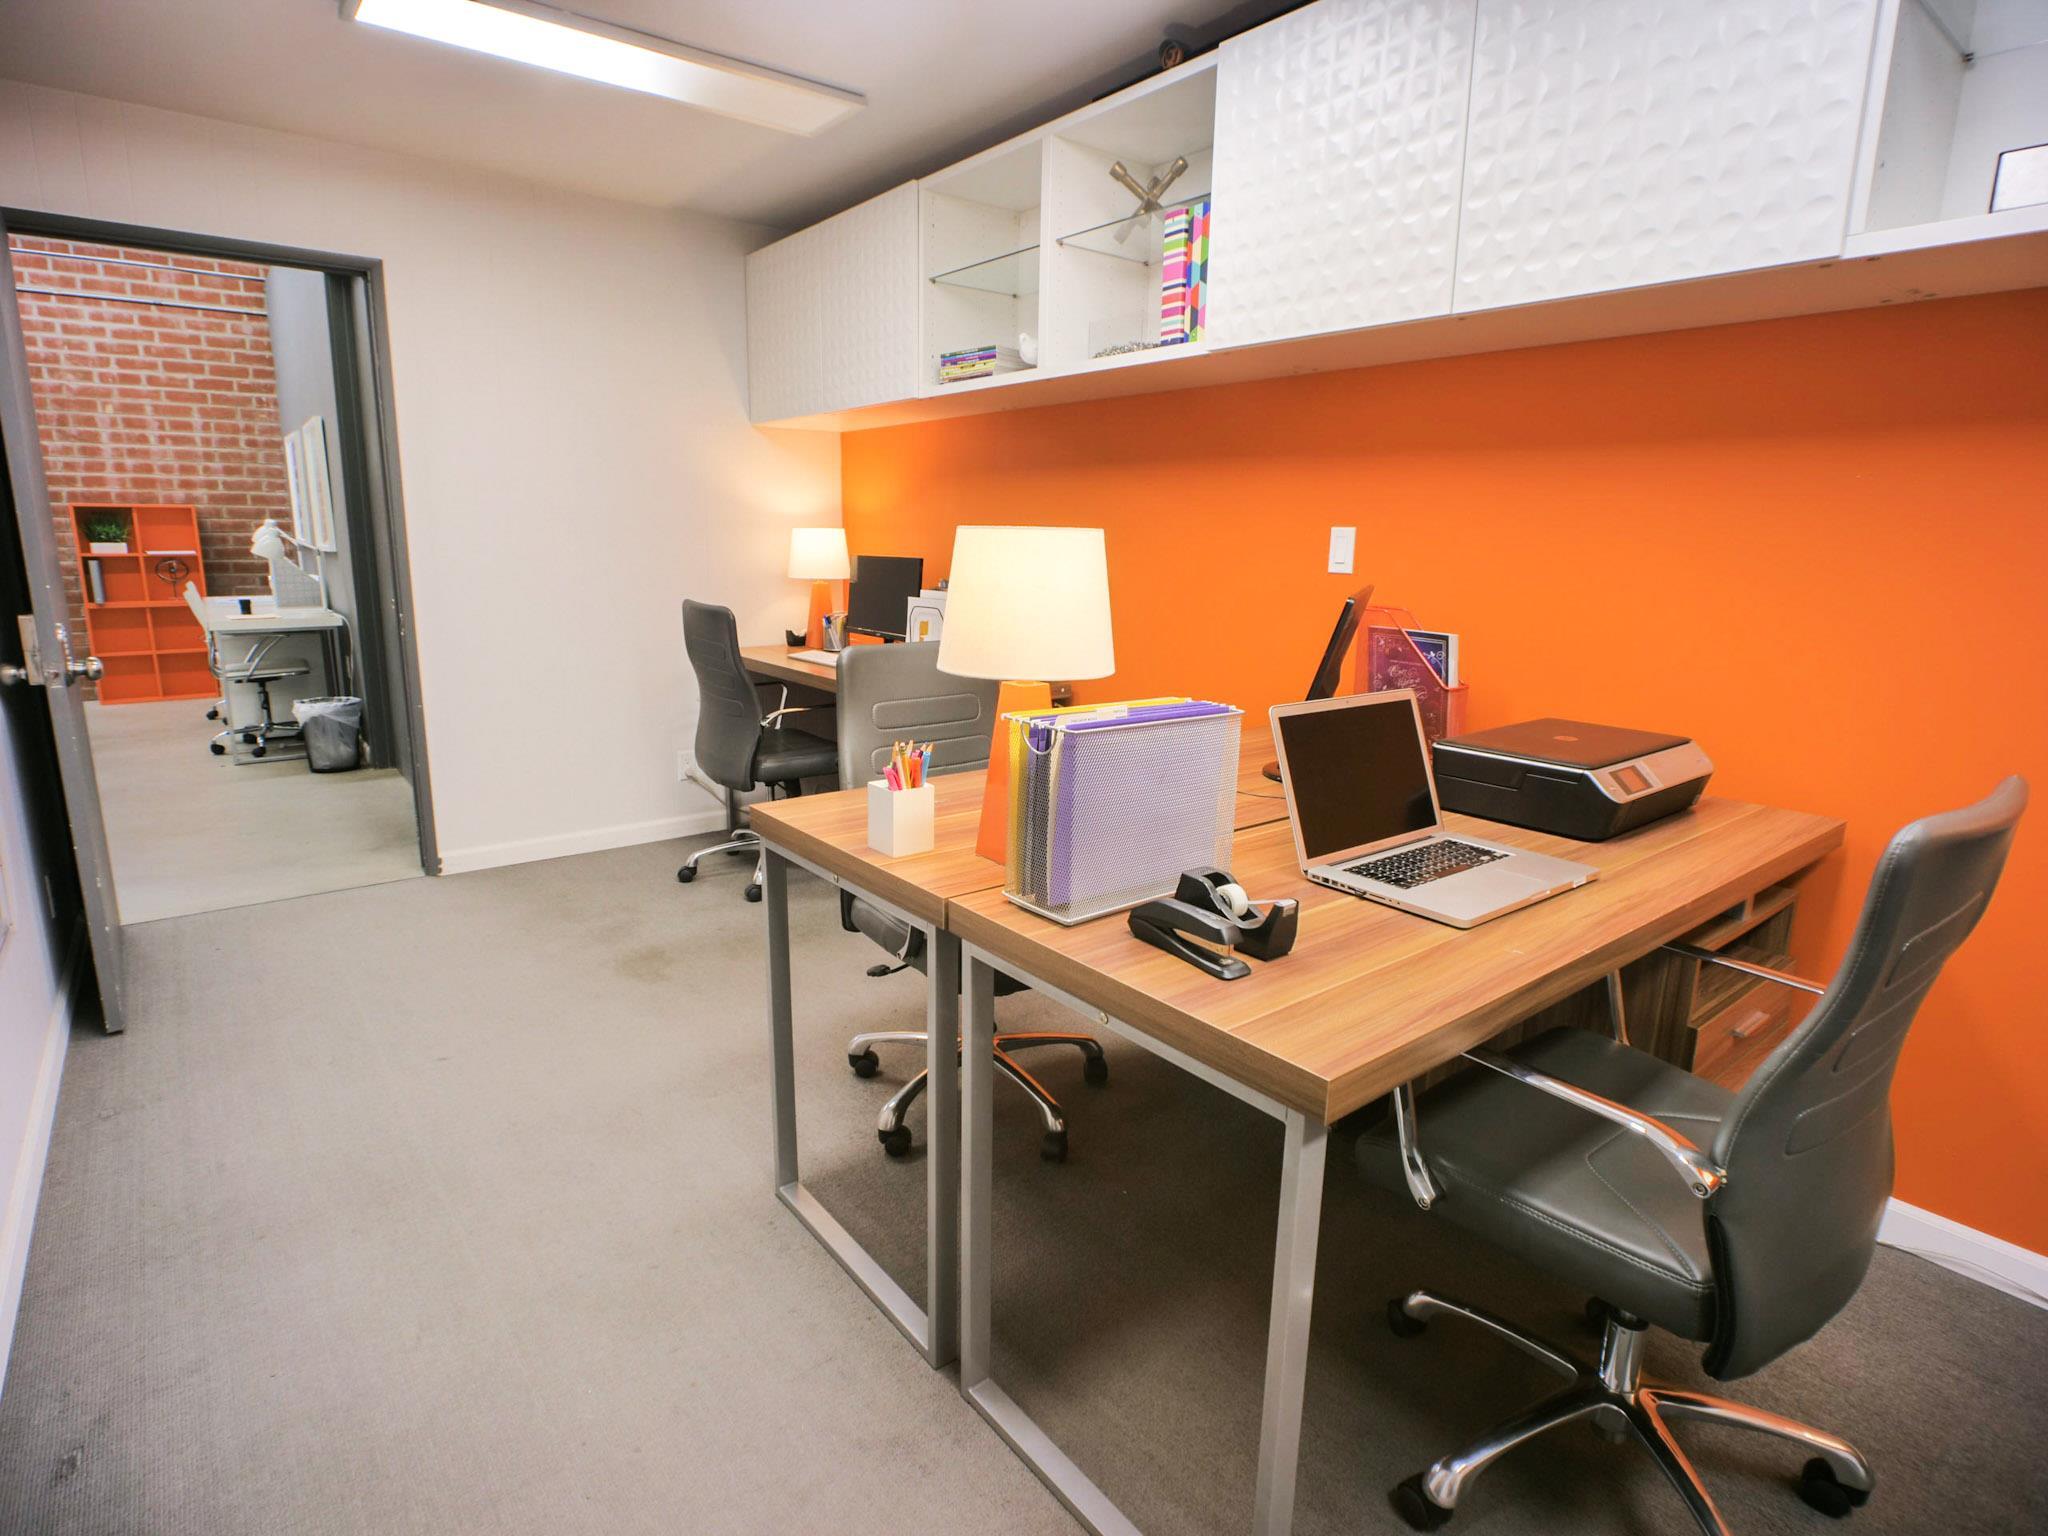 601 Vine Atelier   Studio, Meetings & CoWorking - Creative Team Office